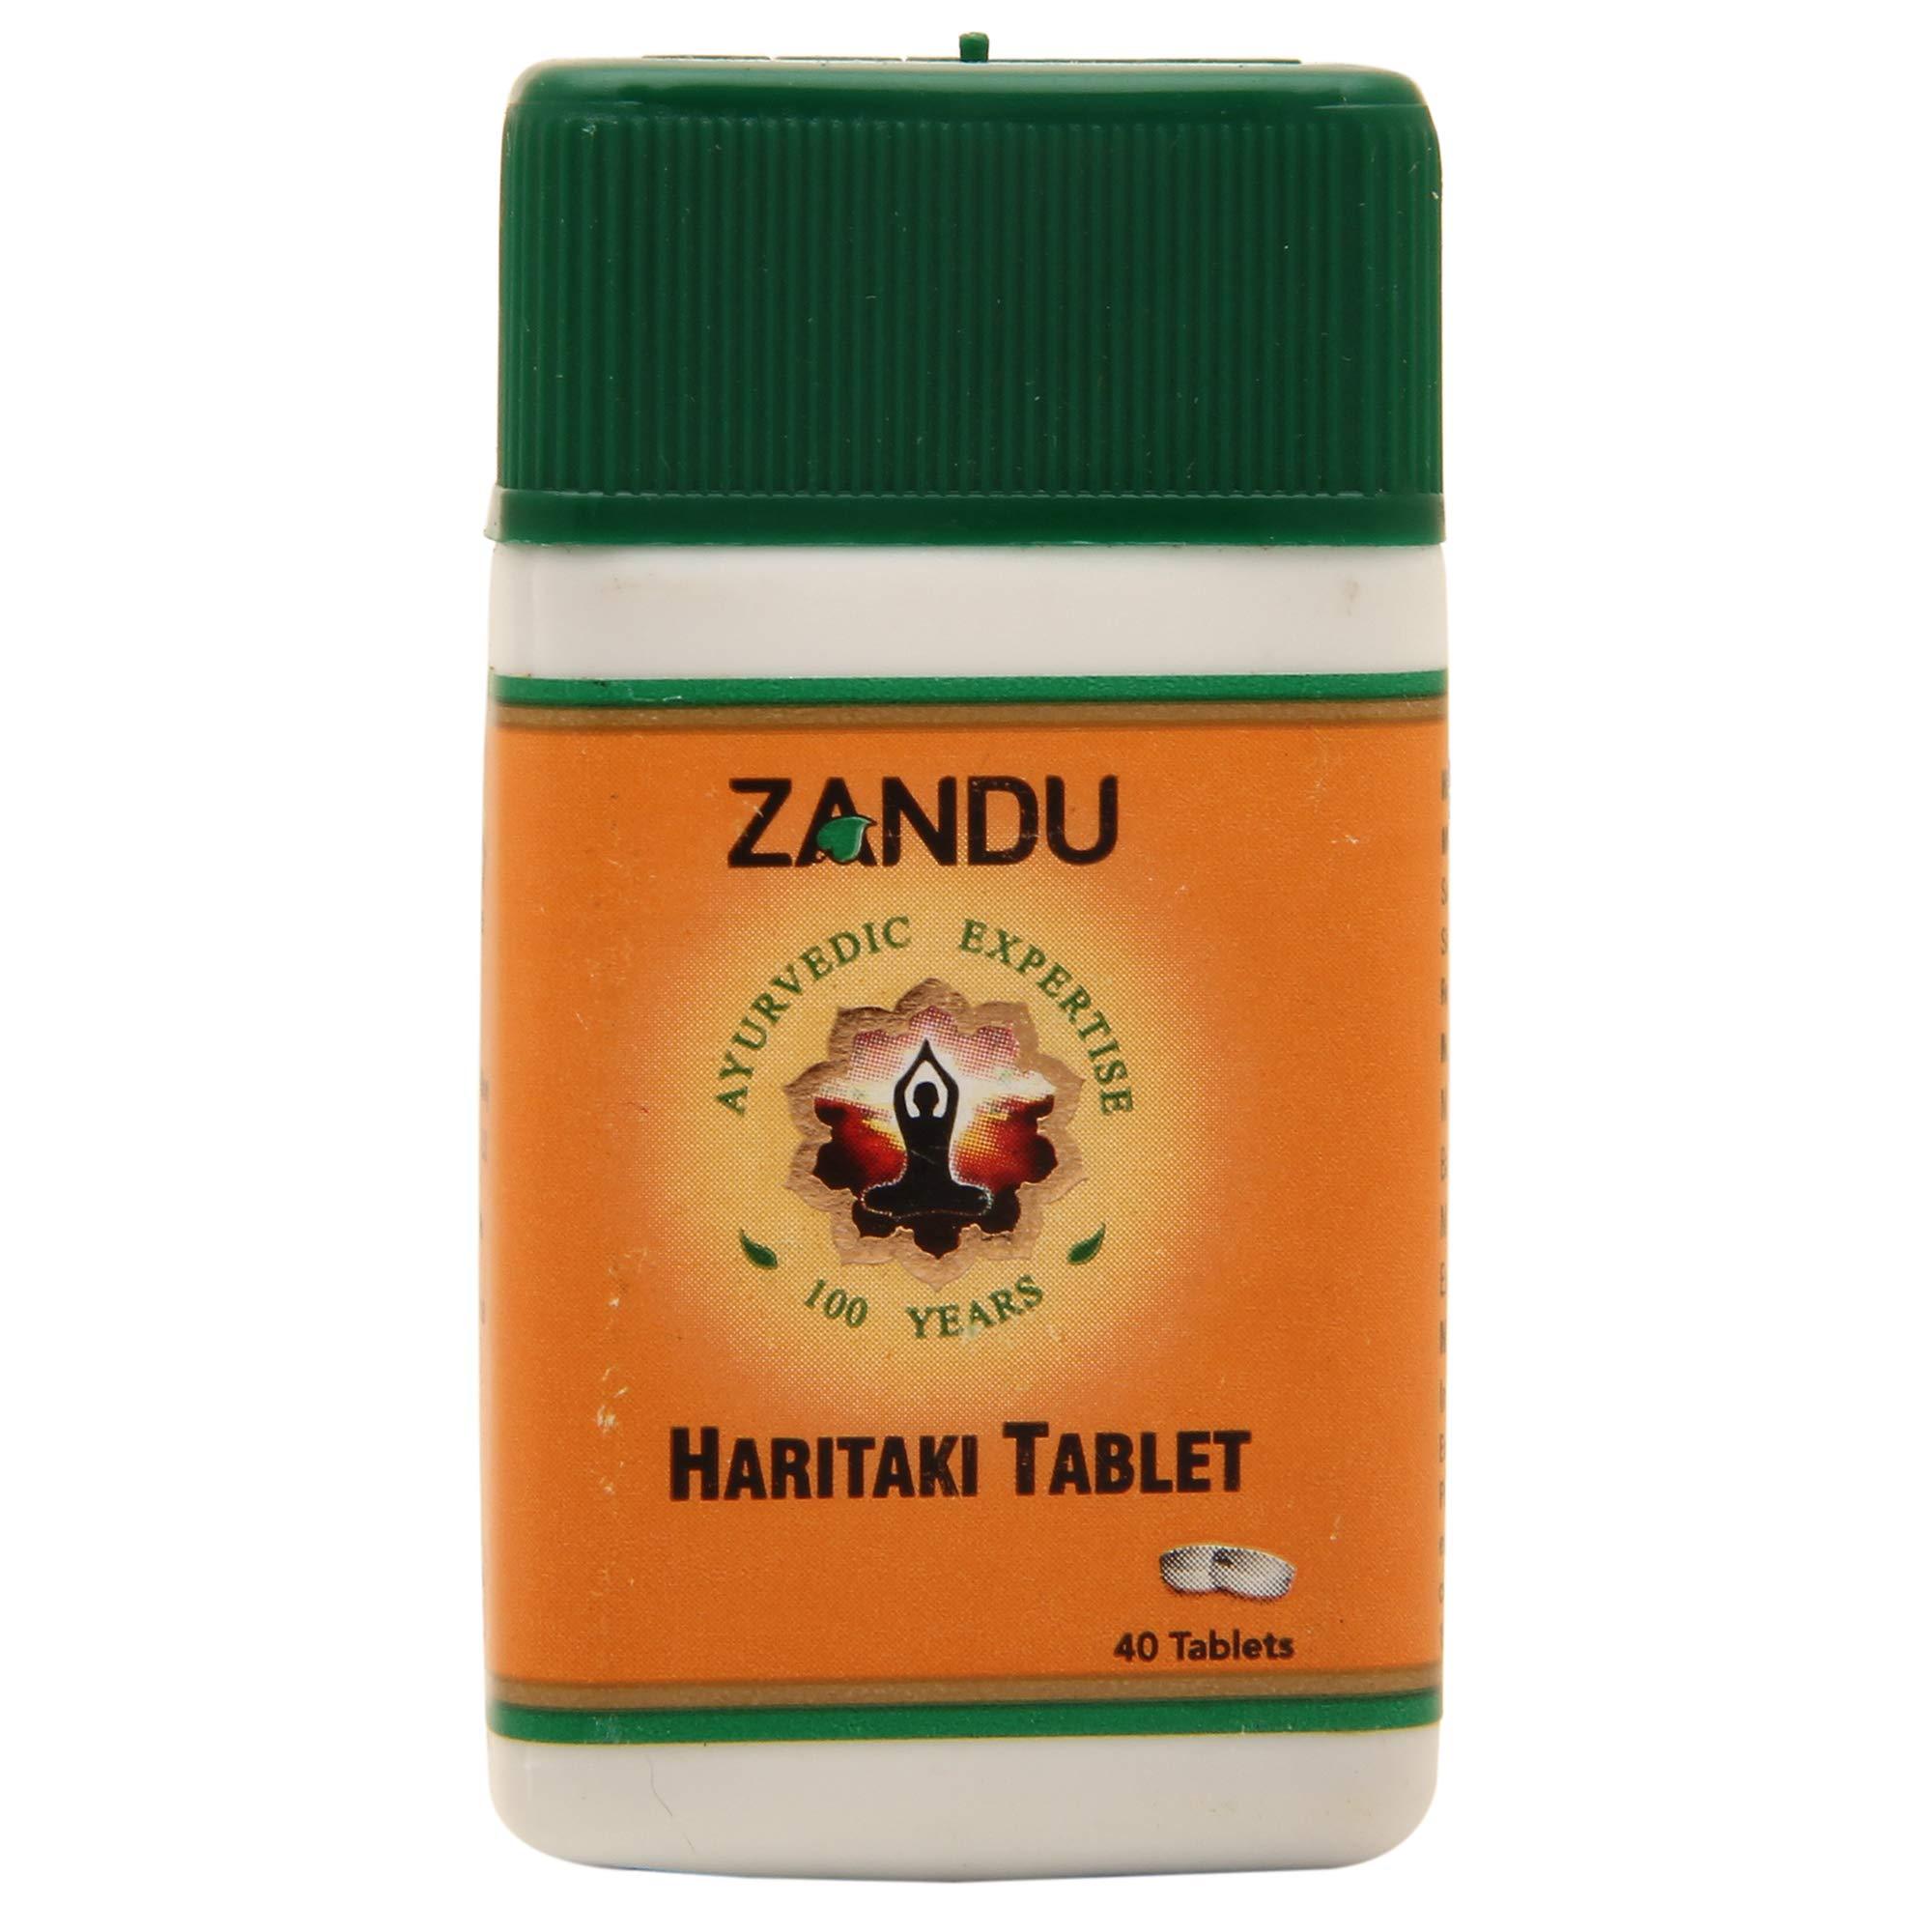 Ayupra Wellness Zandu Haritaki Tablet , 40 Tablets